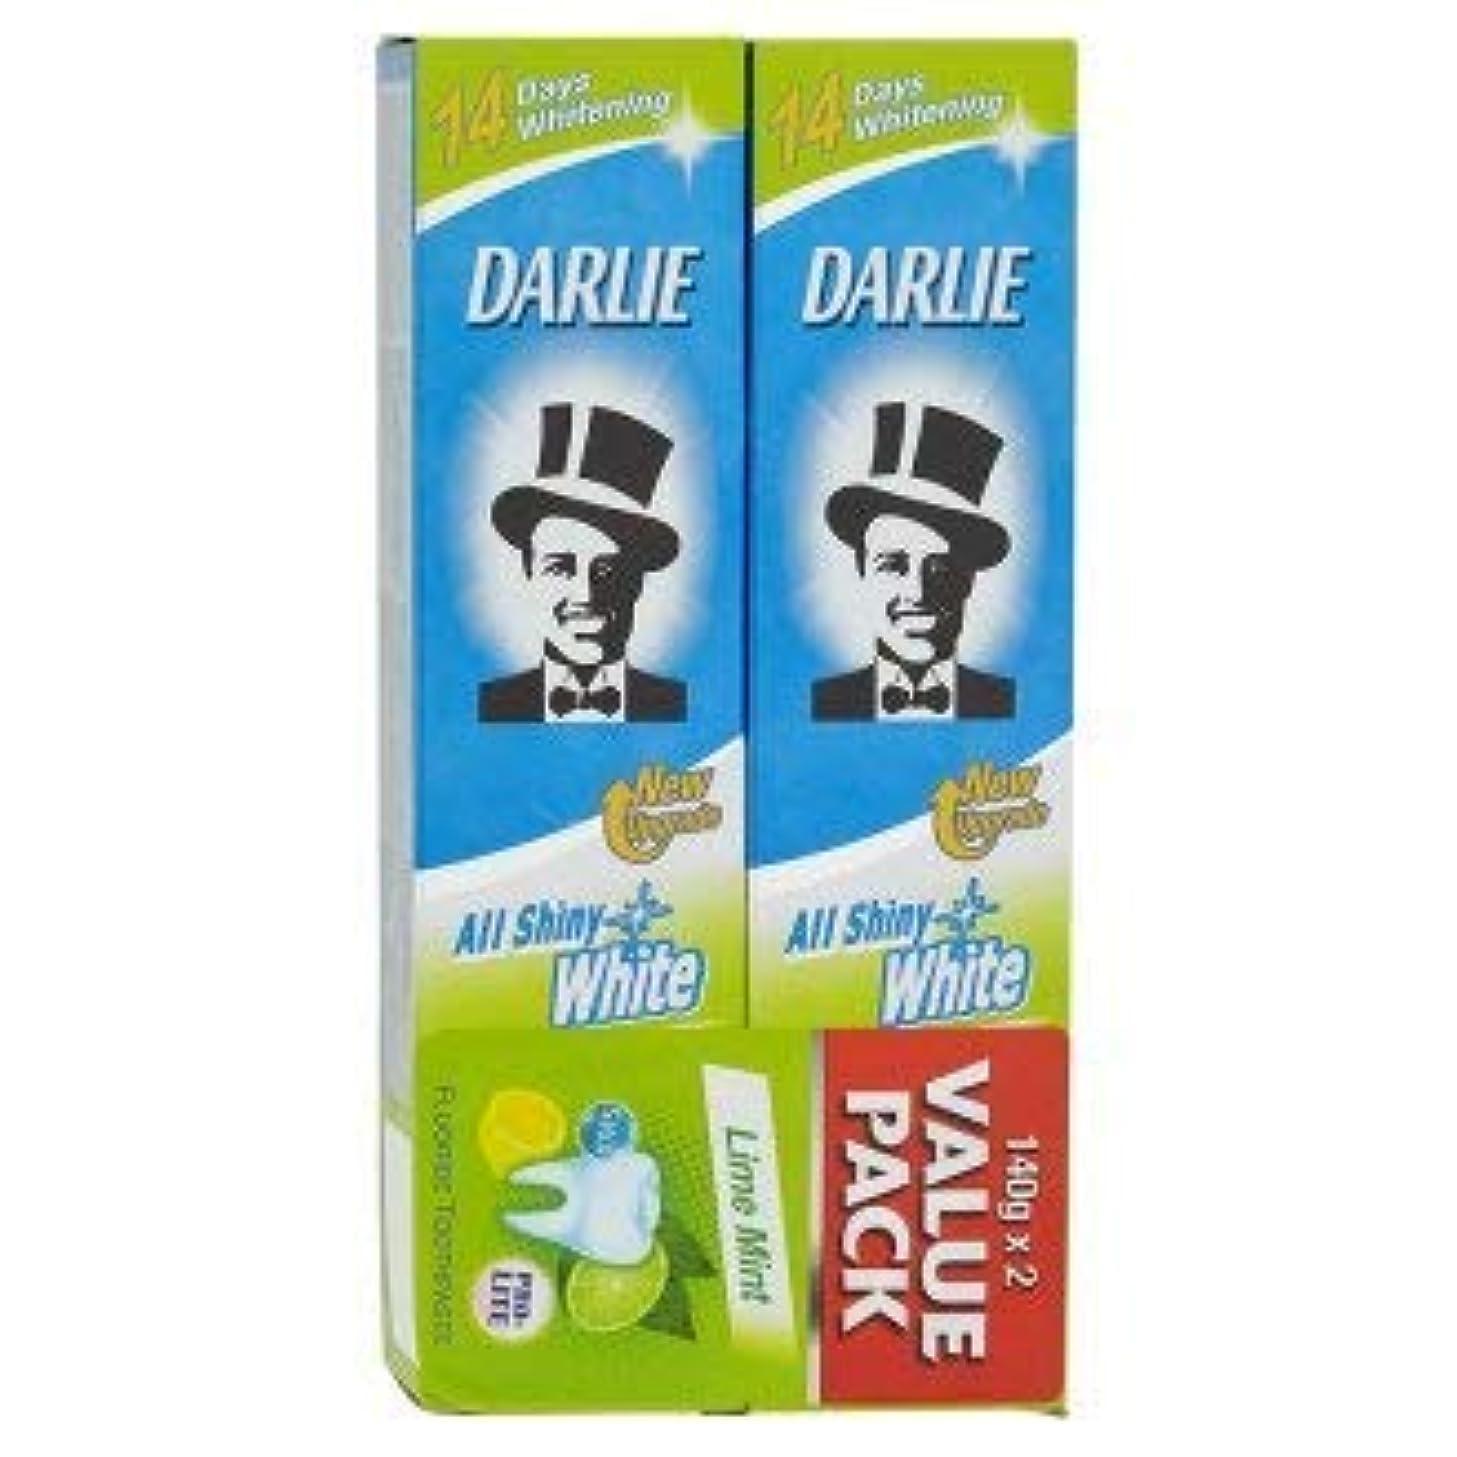 目を覚ますランプ月面DARLIE 2つの電力可溶性汚れや緩やかな歯のホワイトニングを提供する新しいデュアルホワイトニングシステム - 全光沢のある白ライムミント140グラム値パックX2を歯磨き粉